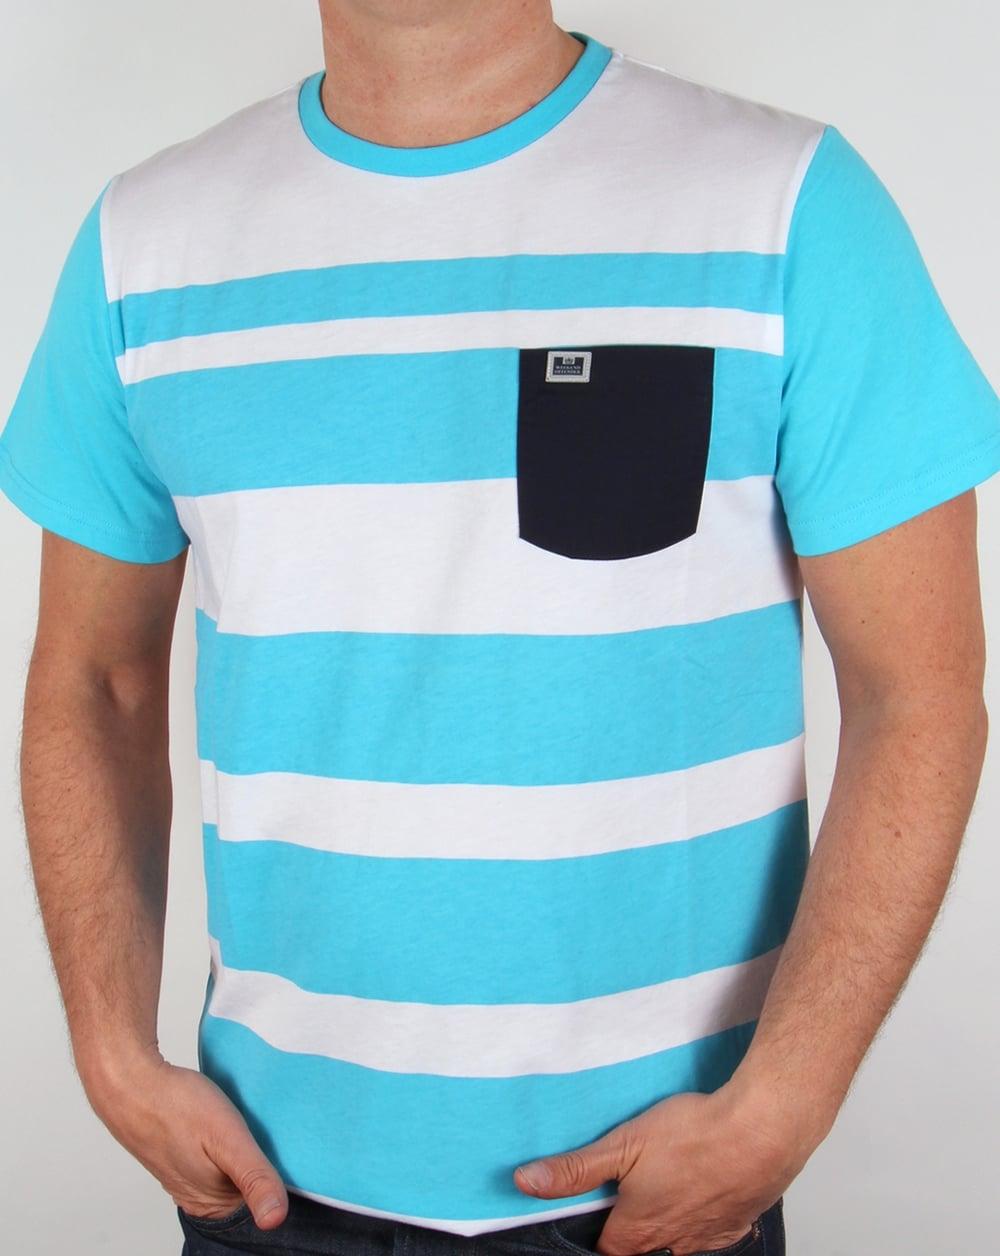 Weekend offender quintessence t shirt ocean blue white tee for Ocean blue t shirt